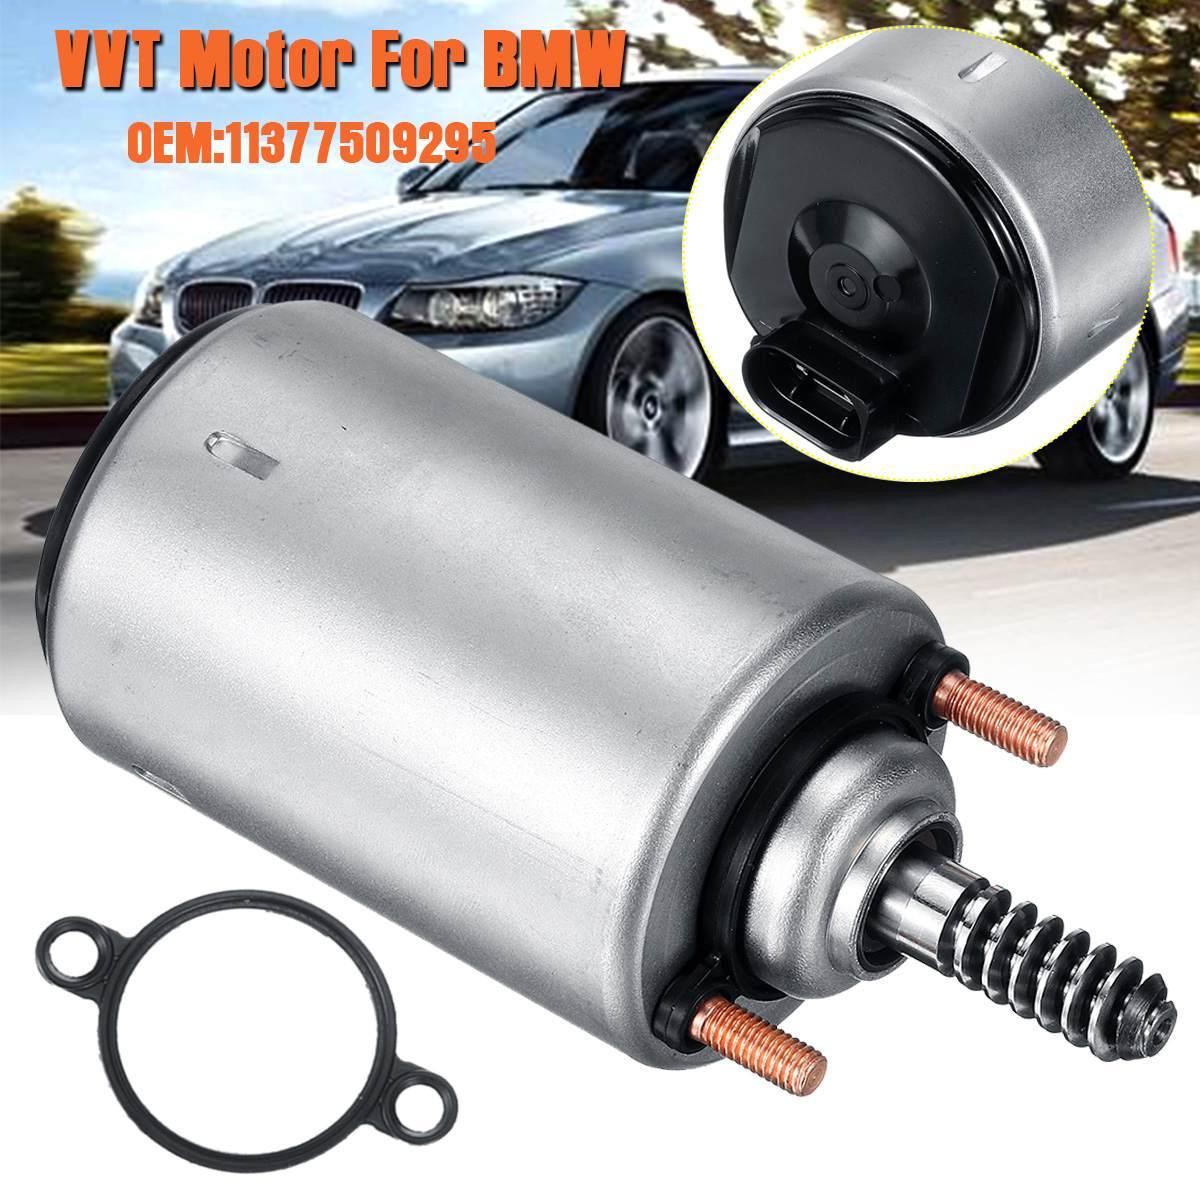 VVT Valvetronic servomoteur actionneur vanne Variable 11377509295 A2C59515104 7548387 pour BMW 1 3 E46 X1 X3